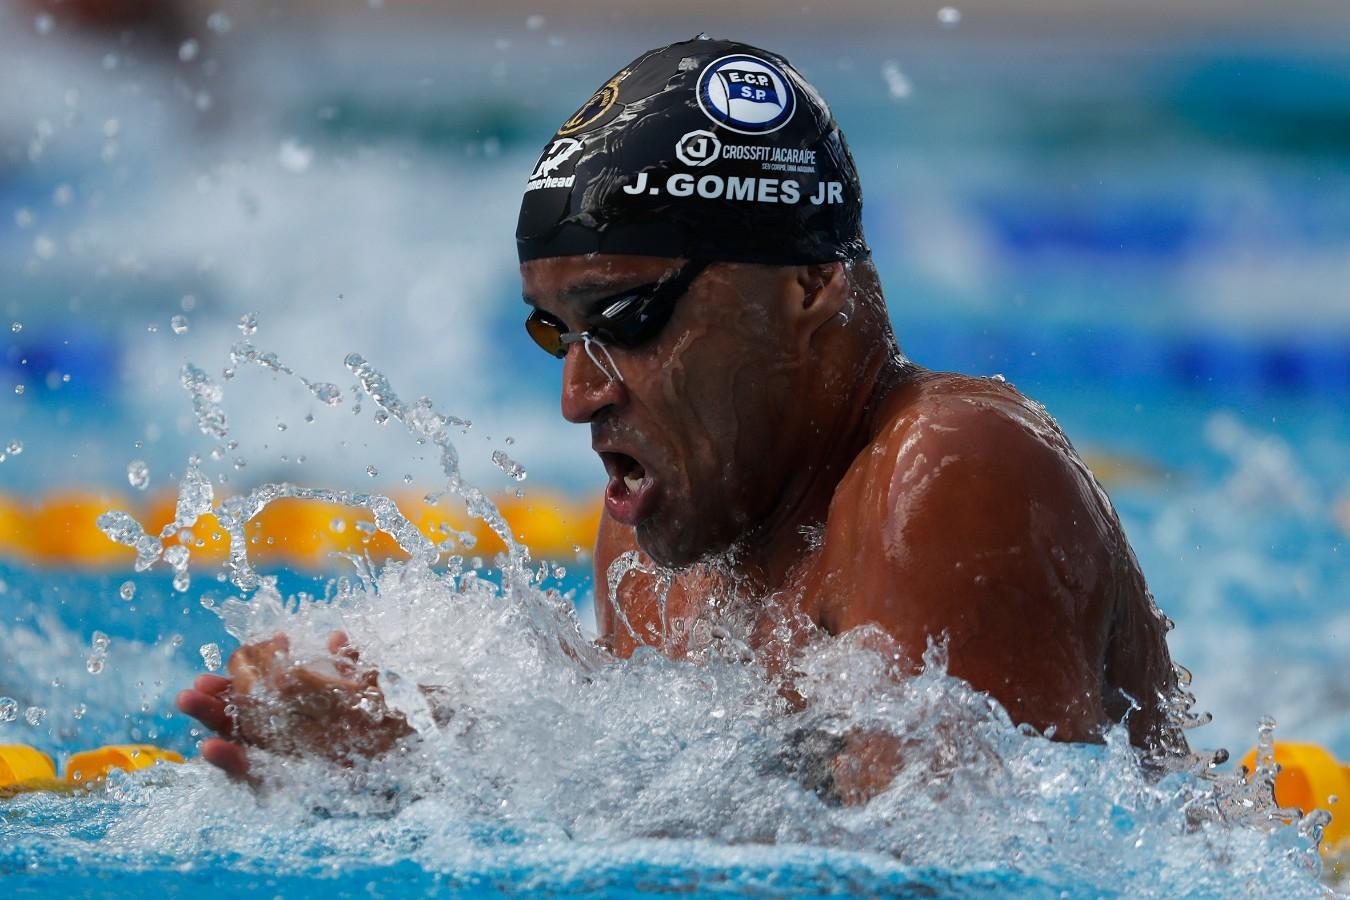 Joao Gomes jr. Troféu Brasil de Natacao no Parque Aquatico Maria Lenk. 17 de Abril de 2018. Rio de Janeiro, RJ, Brasil. Foto: Satiro Sodré/SSPress/CBDA